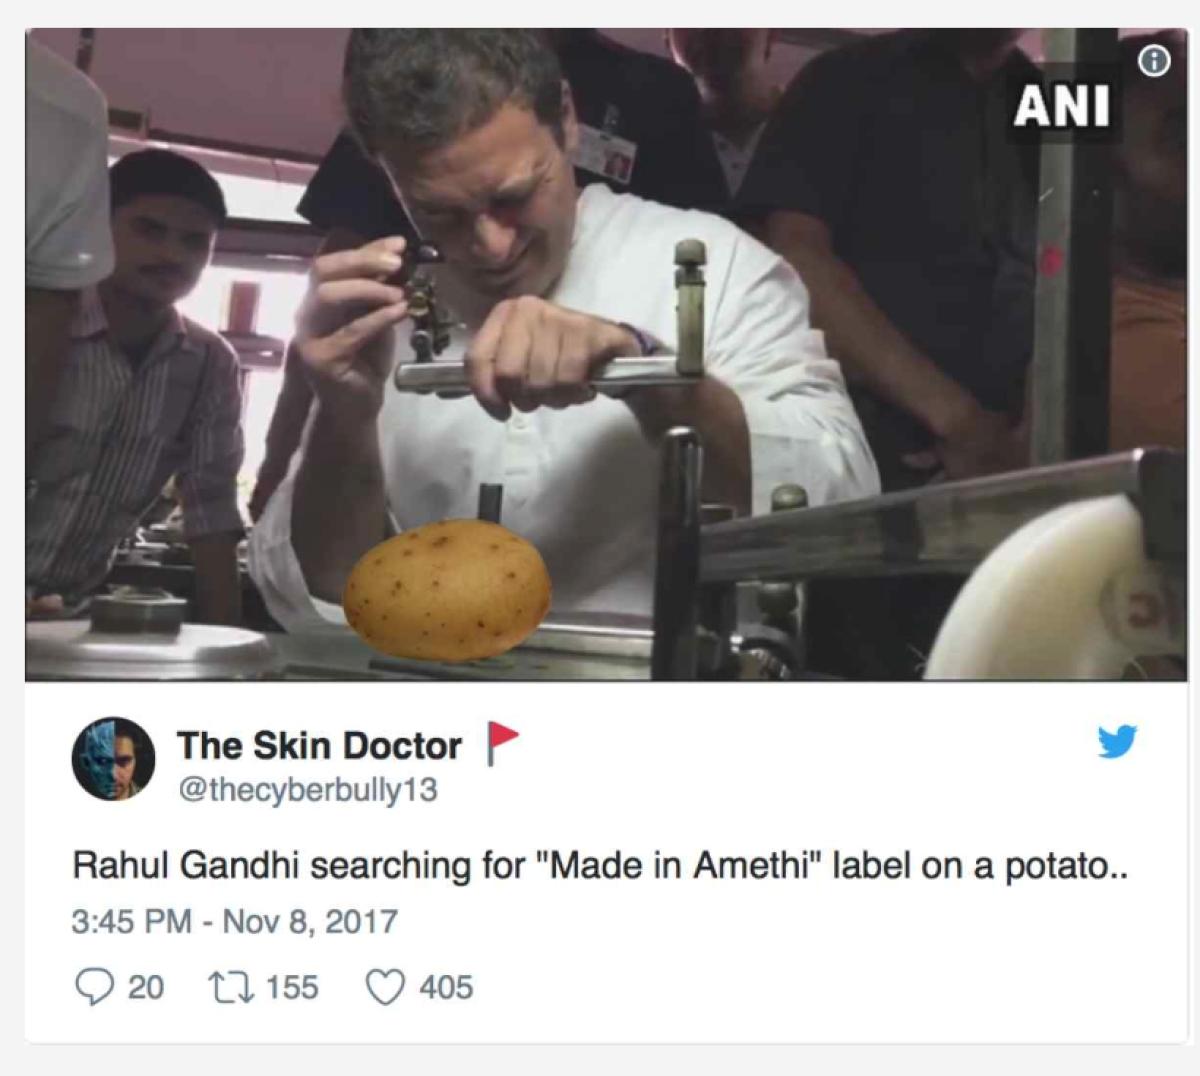 इन तस्वीरों को ट्वीट कर लोग पूछ रहे हैं कि क्या राहुल गांधी ने ऐसा कहा था